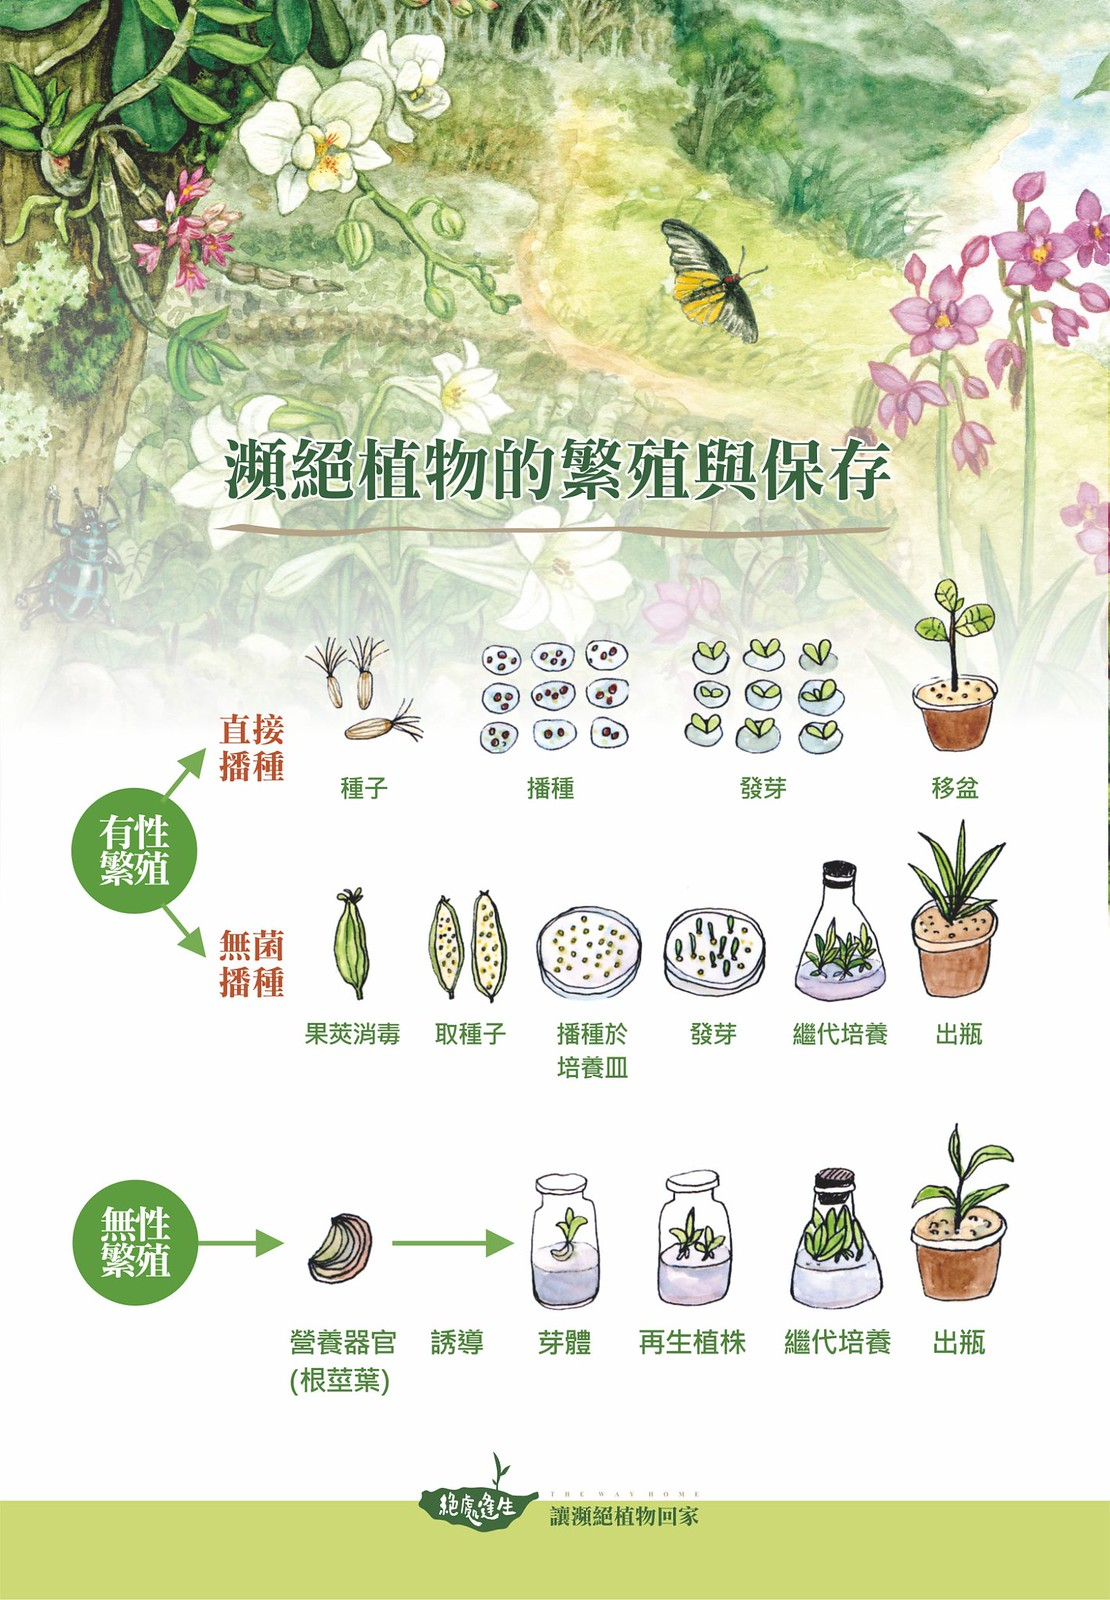 好不容易取得瀕絕植物種苗枝條,該怎麼繁殖保存需先進行評估。圖片來源:特生中心